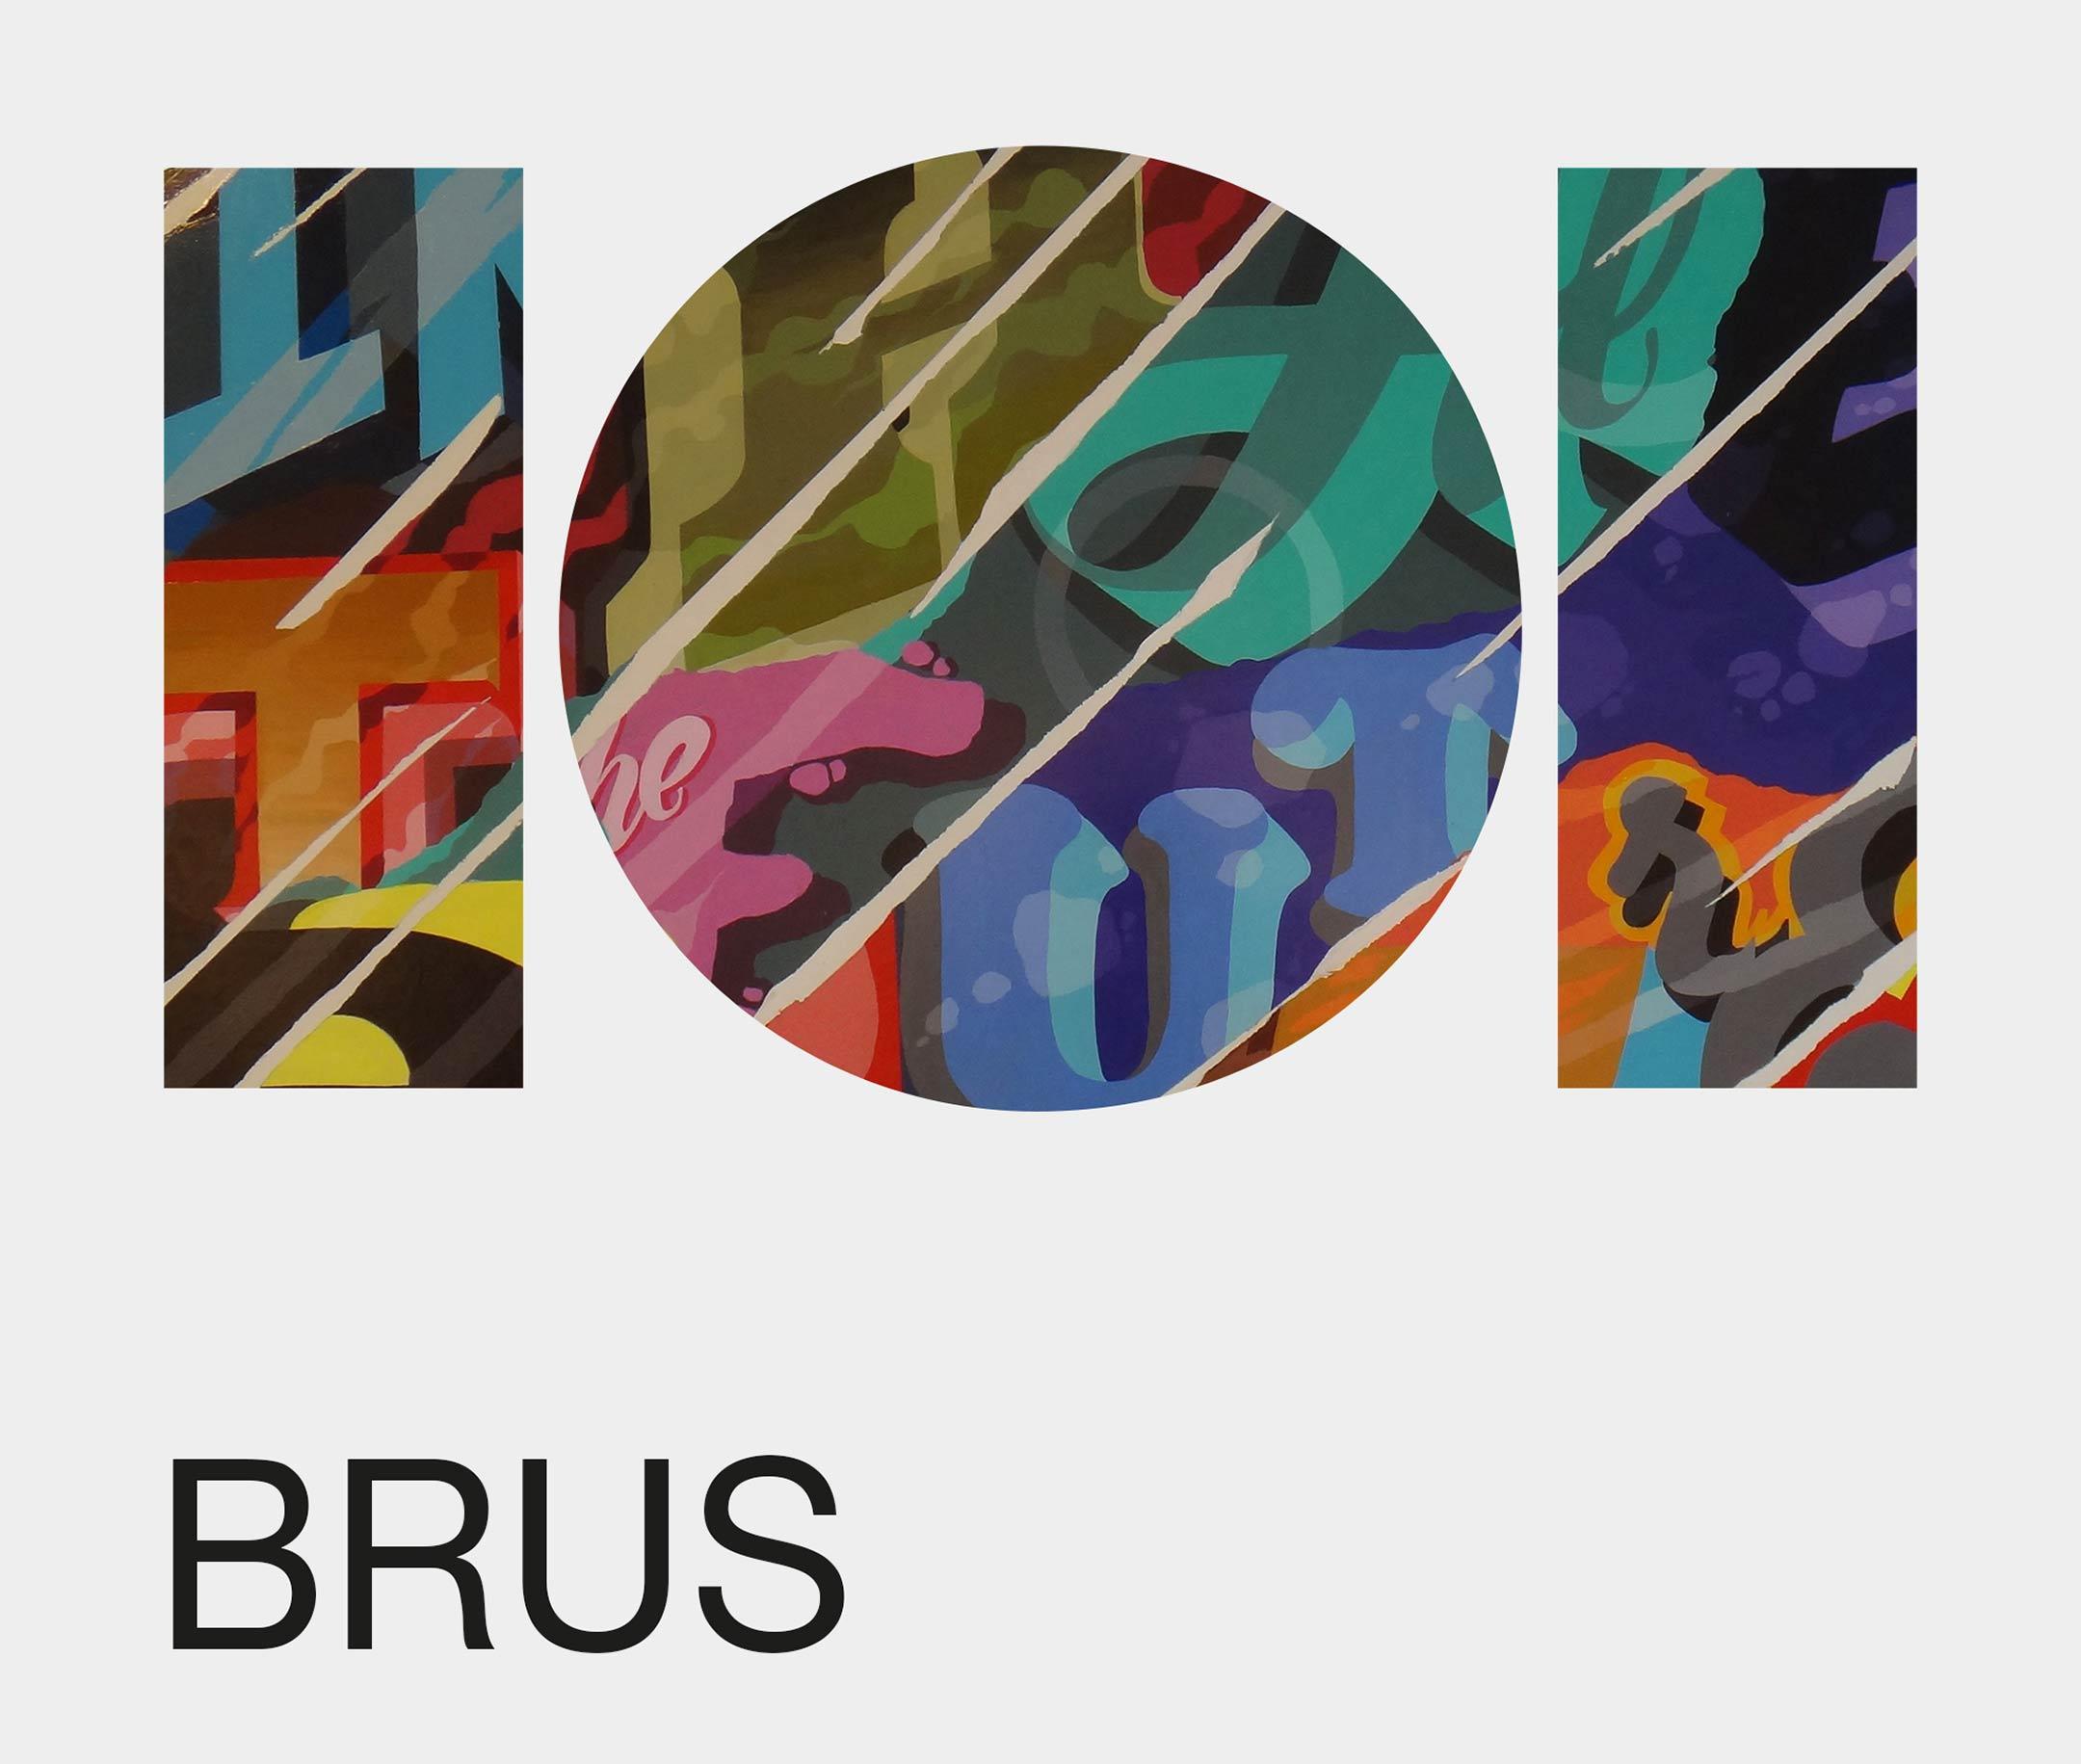 BRUS_IG